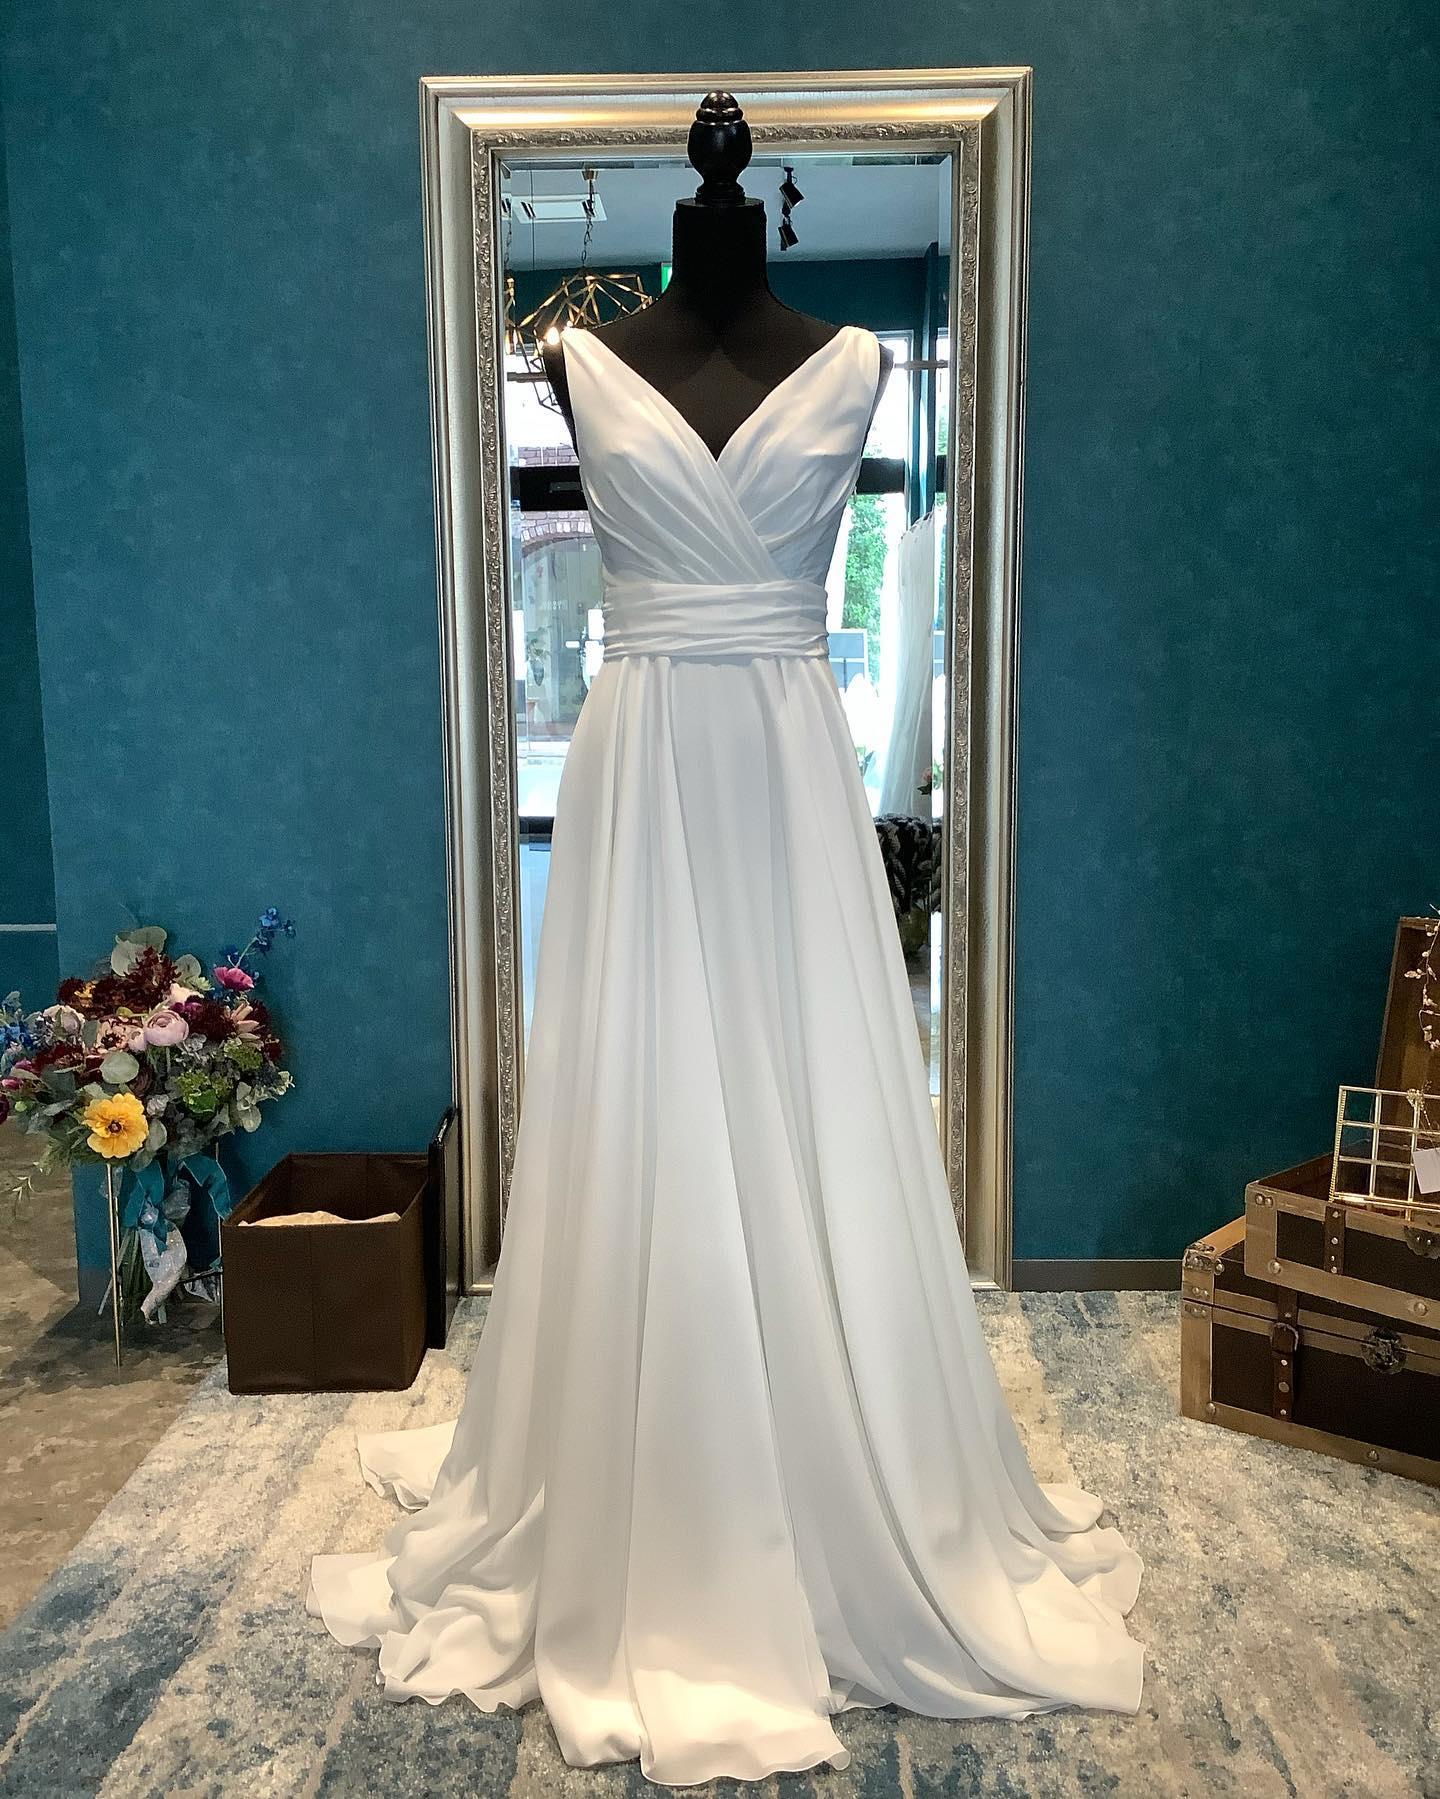 """・先日のエルマリアージュ掲載のドレスです@ellemariage ・シンプルなVネックのスレンダーにビジューが輝くオーバードレスをレイヤード🤍・大好きな一着のドレスを沢山のアレンジで楽しんで・""""JOHANA """"購入価格:¥280,000""""over dress""""購入価格:¥90,000・#wedding #weddingdress #instagood #instalike #claras #paris #ellemariage #ウェディングドレス #プレ花嫁 #ドレス試着 #ドレス迷子#2021冬婚 #ヘアメイク #結婚式  #ドレス選び #前撮り #インポートドレス #フォトウェディング #ウェディングヘア  #フォト婚 #ニューノーマル #ブライダルフォト #カップルフォト #ウェディングドレス探し #ウェディングドレス試着 #セルドレス #ドレスショップ  #エルマリアージュ #オーバードレス"""